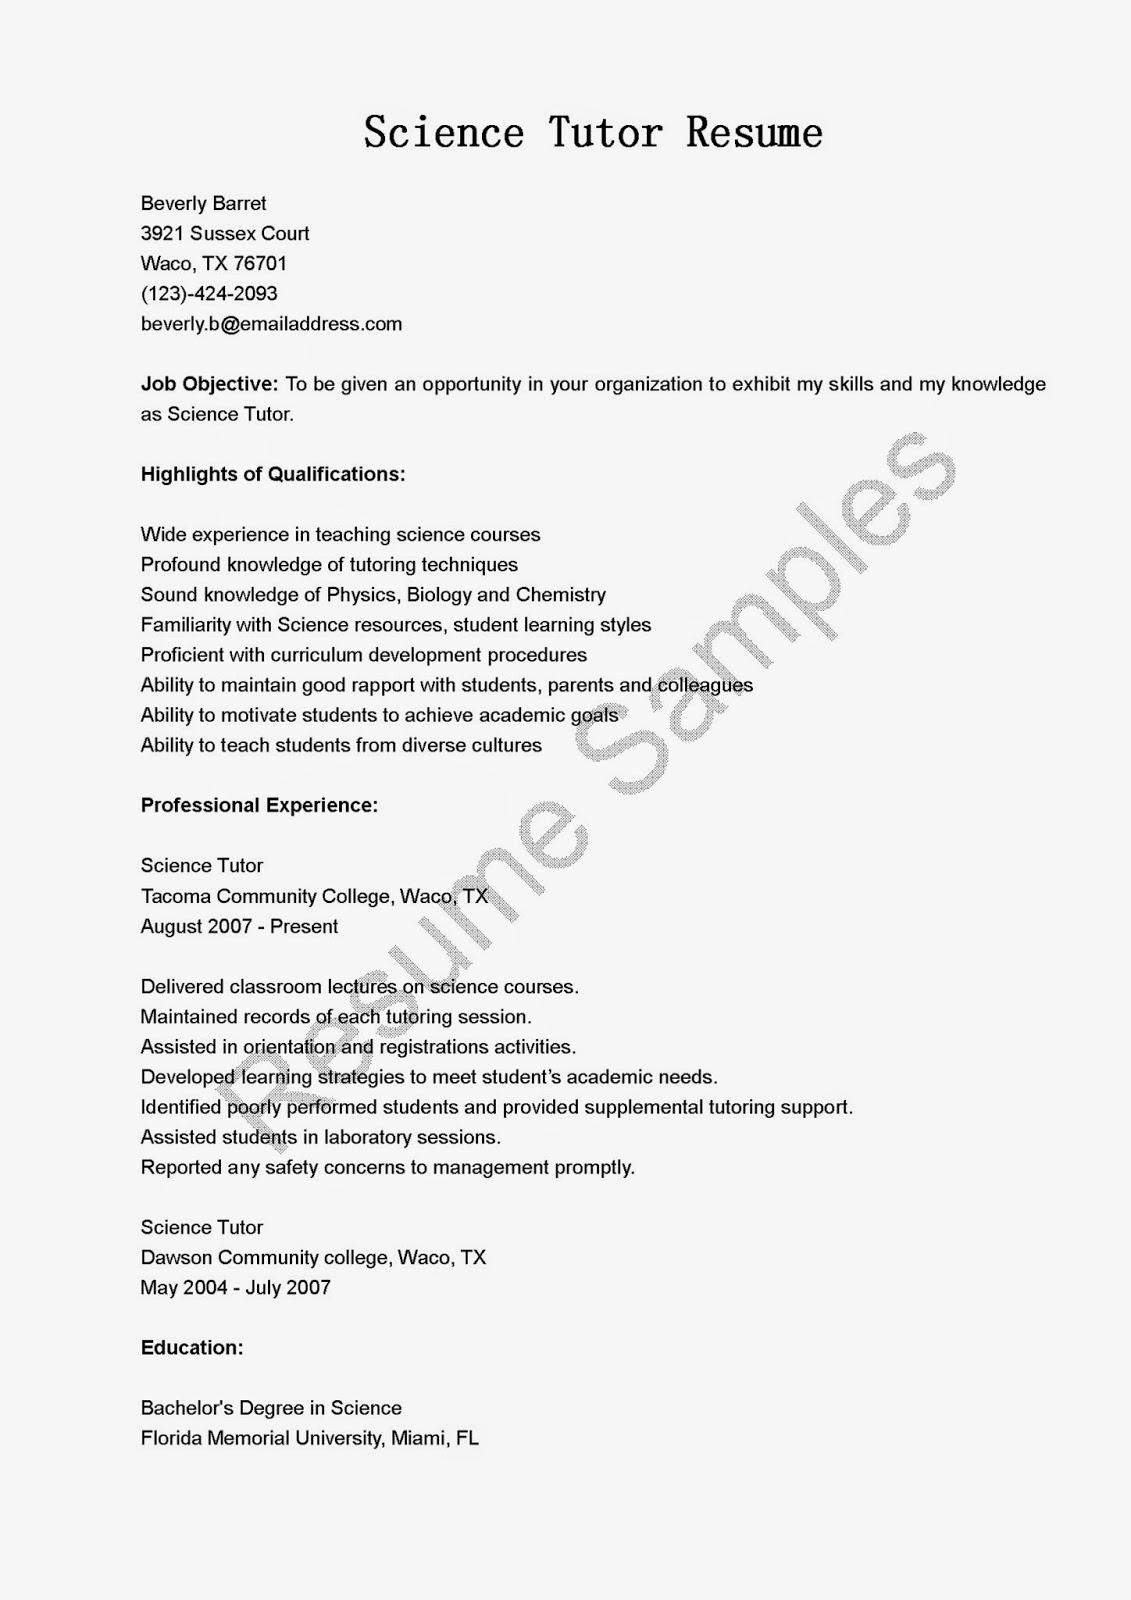 resume samples science tutor resume sample. Black Bedroom Furniture Sets. Home Design Ideas